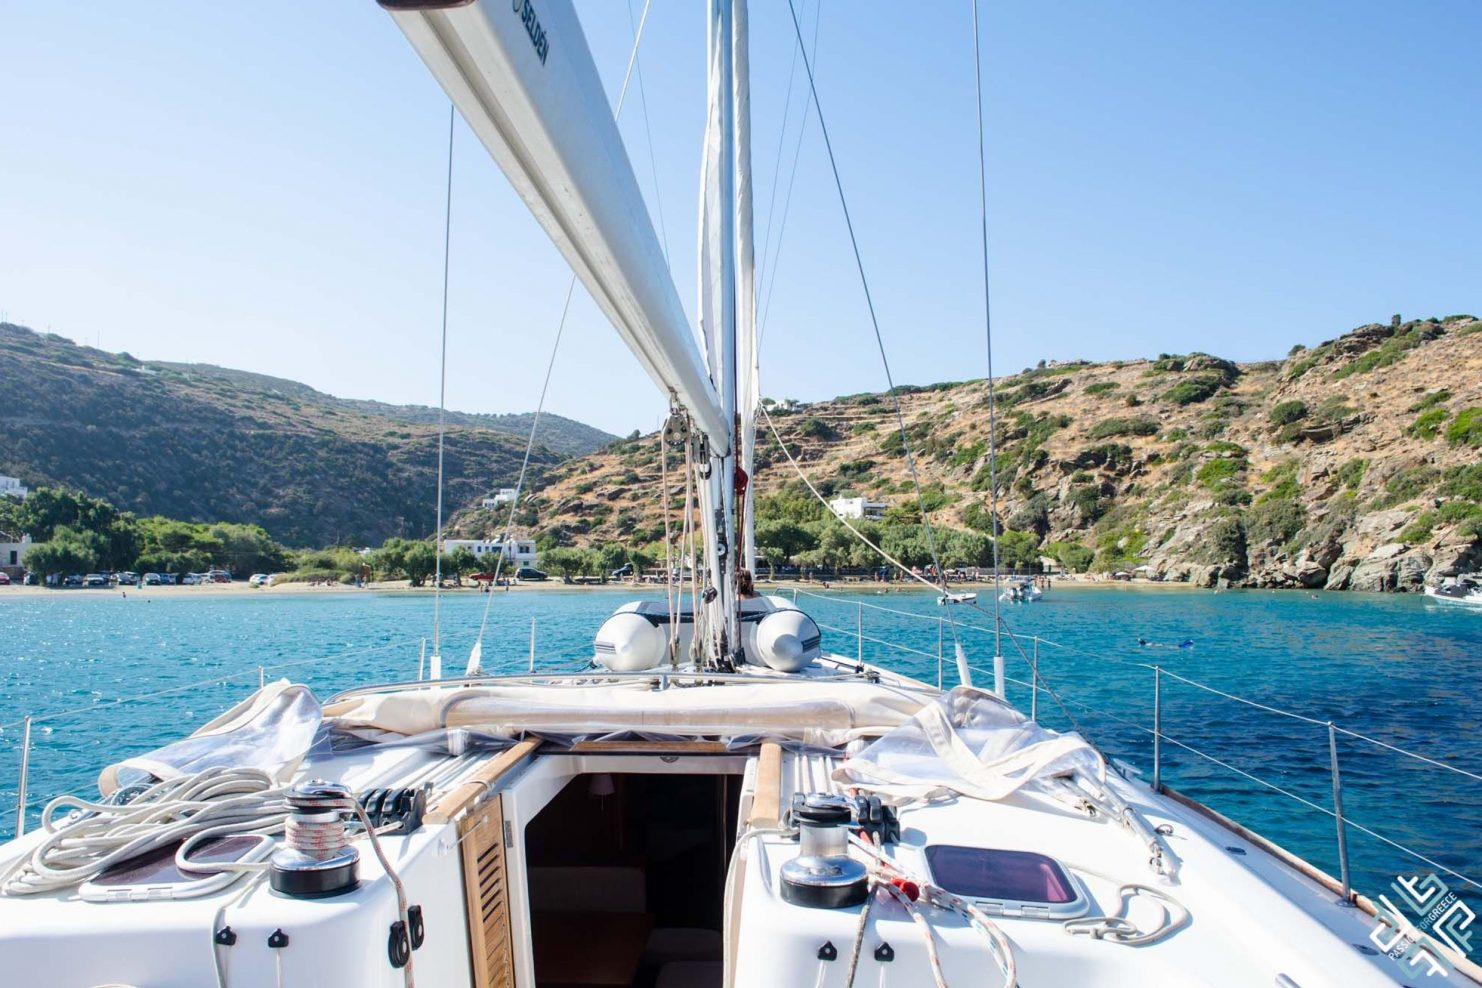 014 Delos & Rheina by Boat